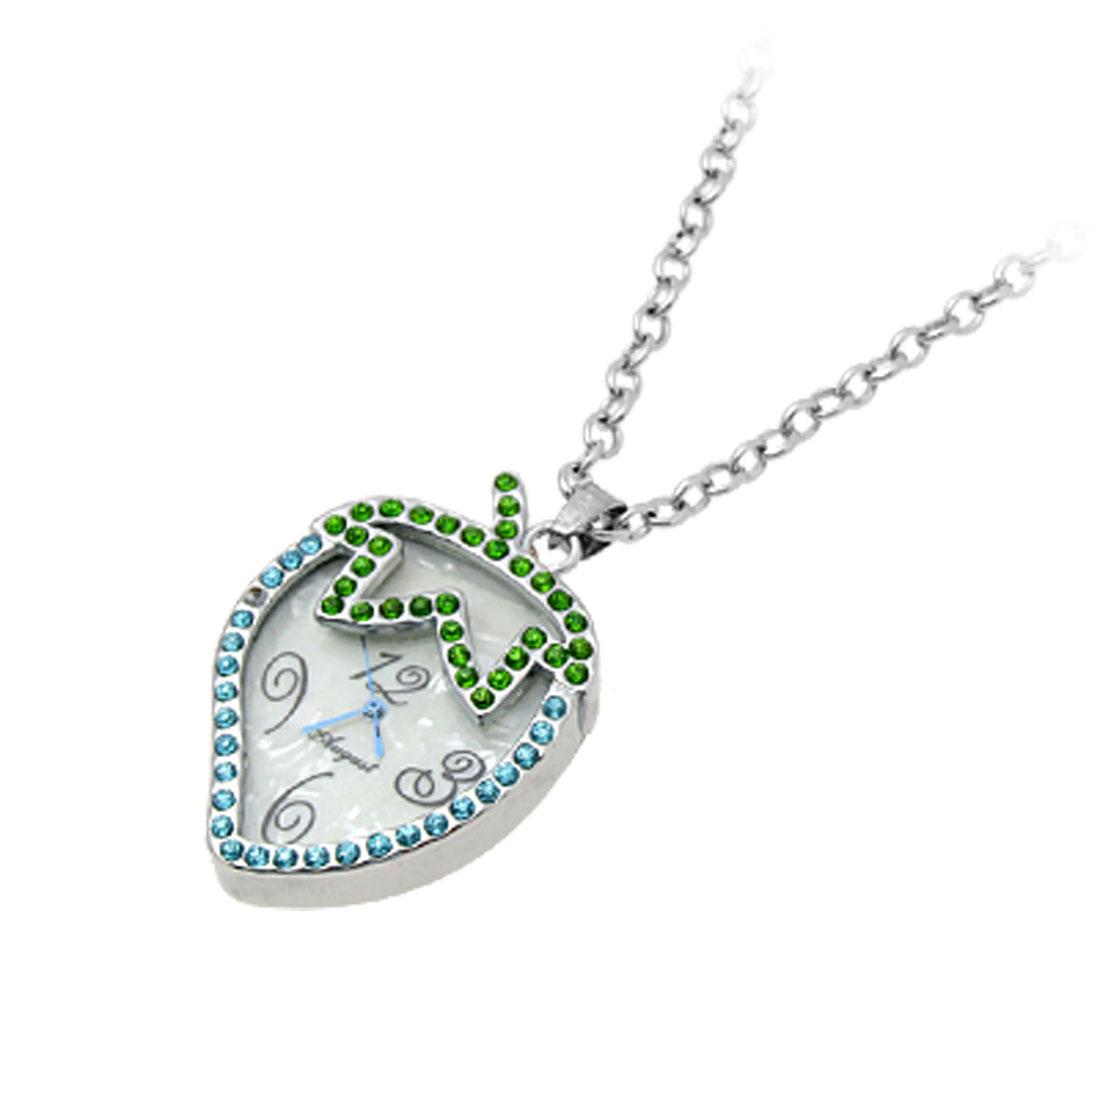 Jewelry Unique Necklace Strawberry Crystal Pendant Quartz Watch Blue